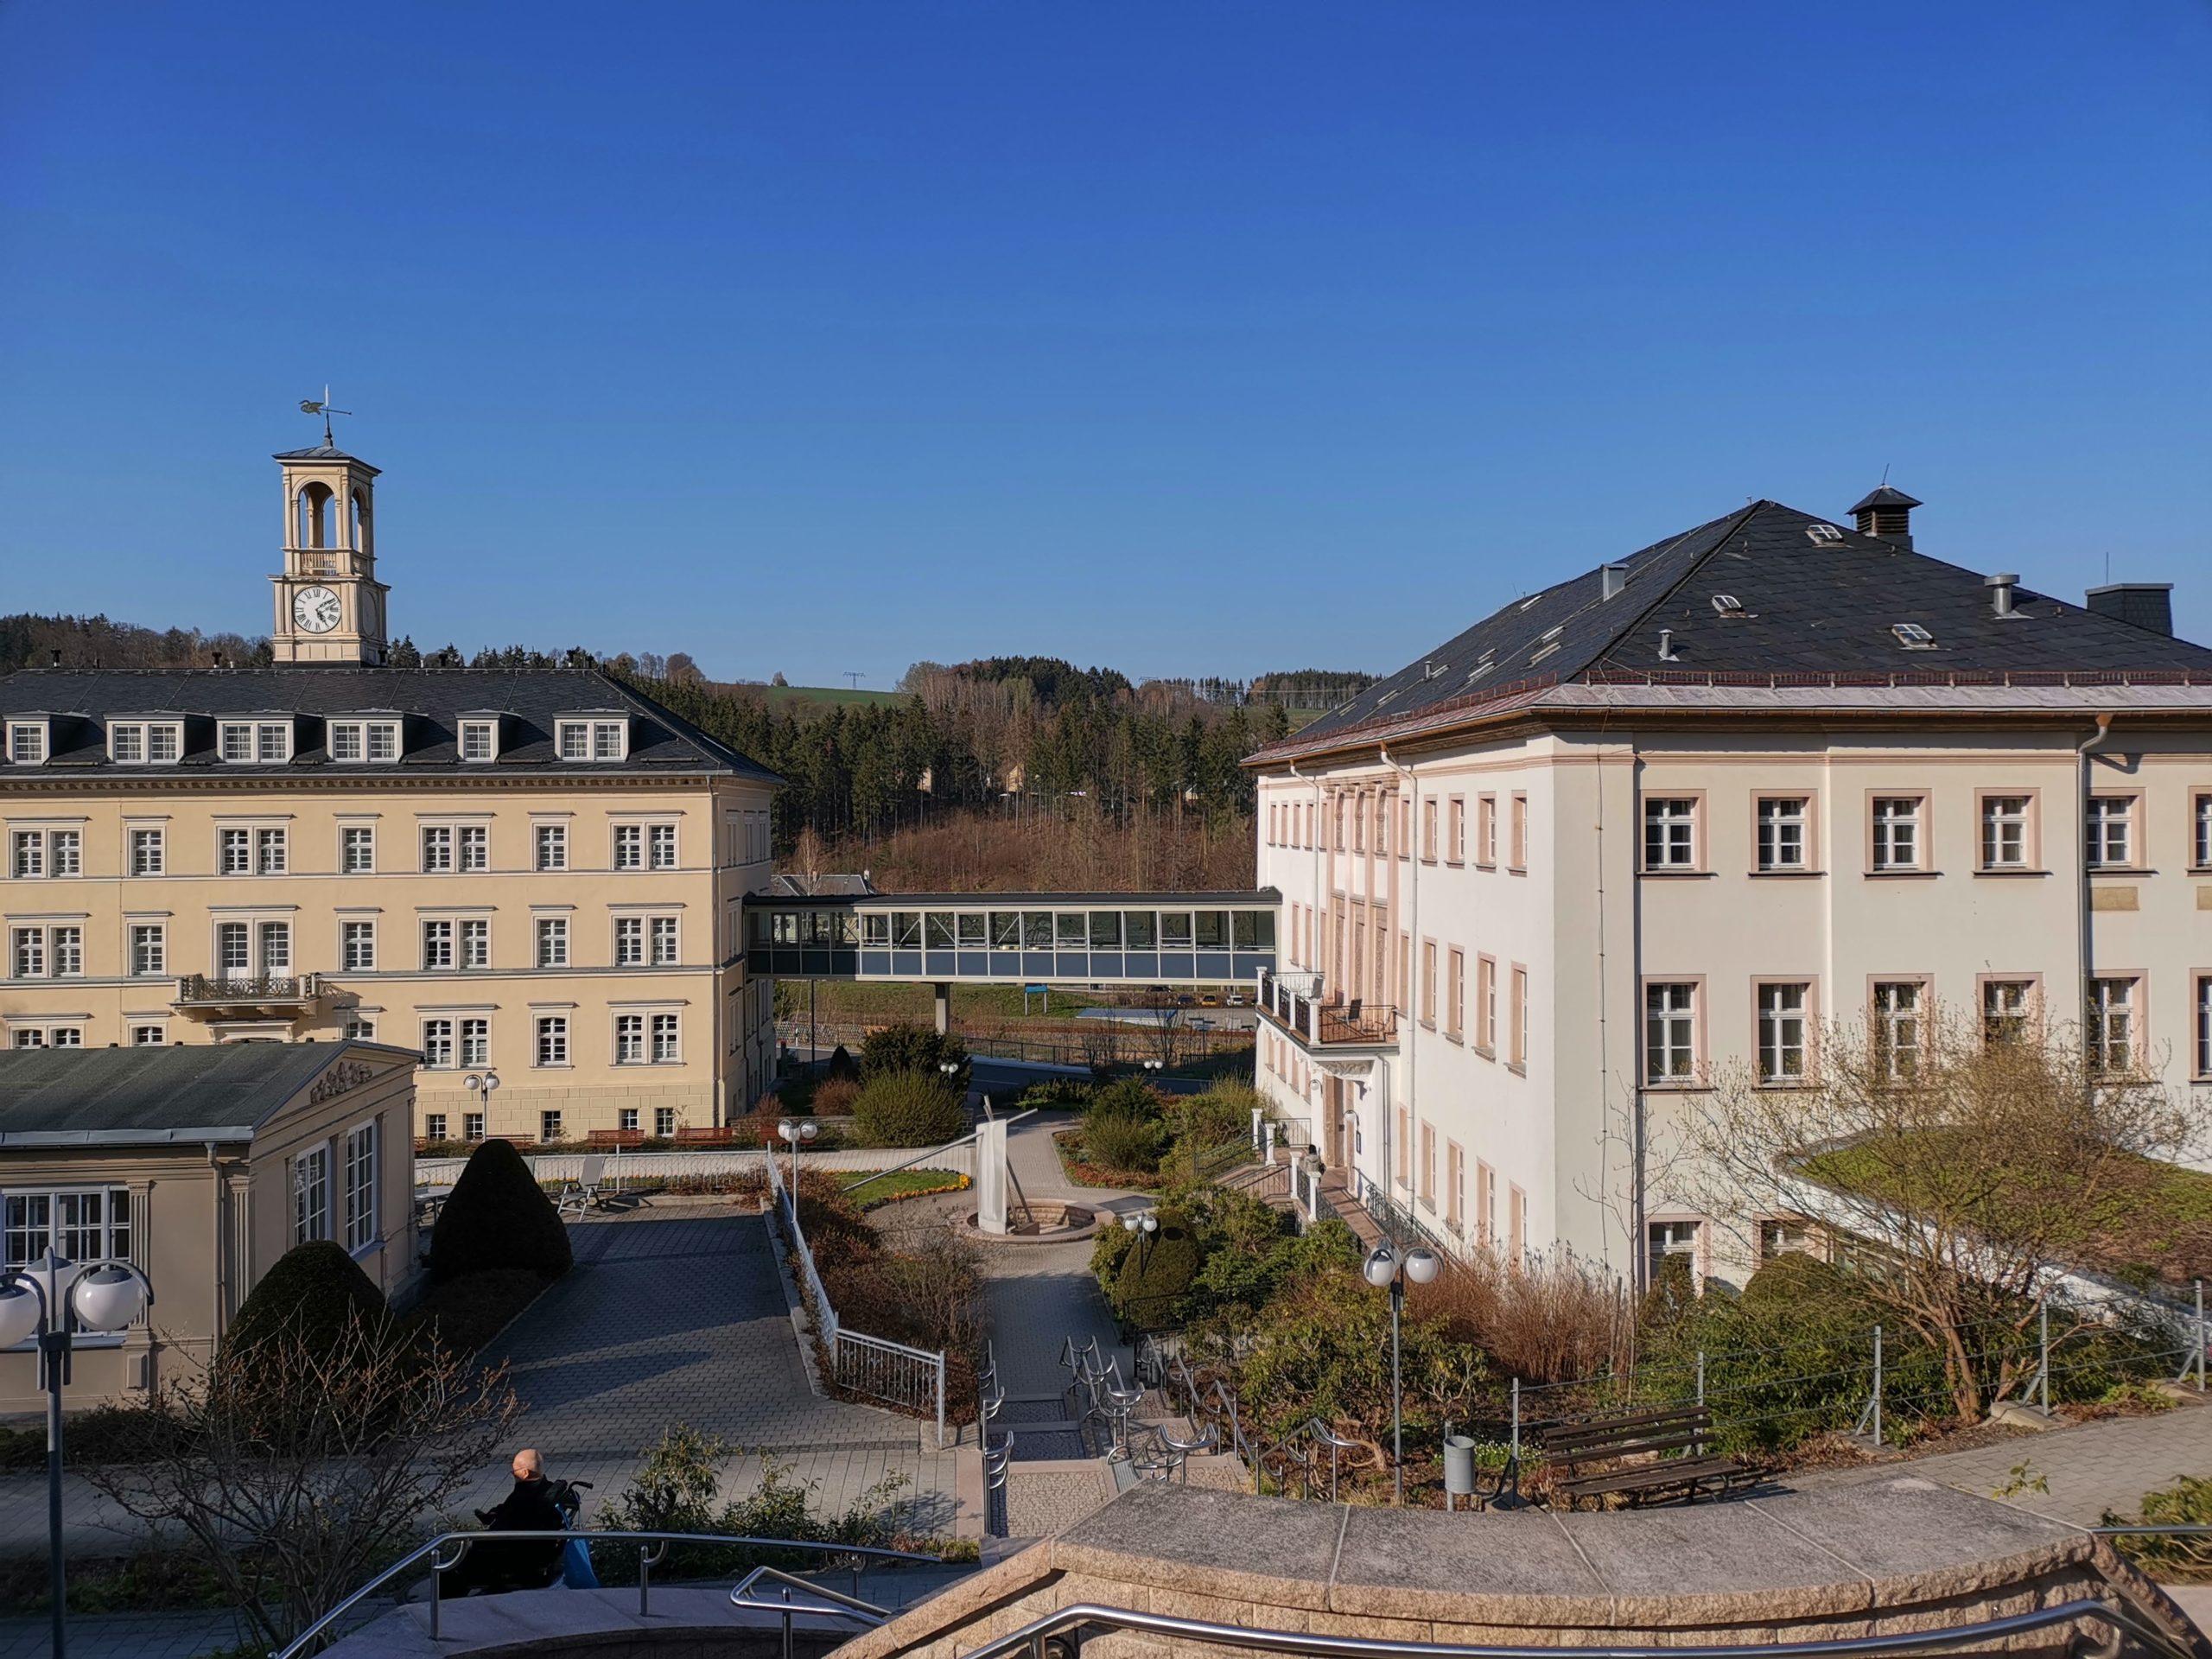 Das Bild zeigt die Reha-Klinik Thermalbad Wiesenbad im Frühling 2019.